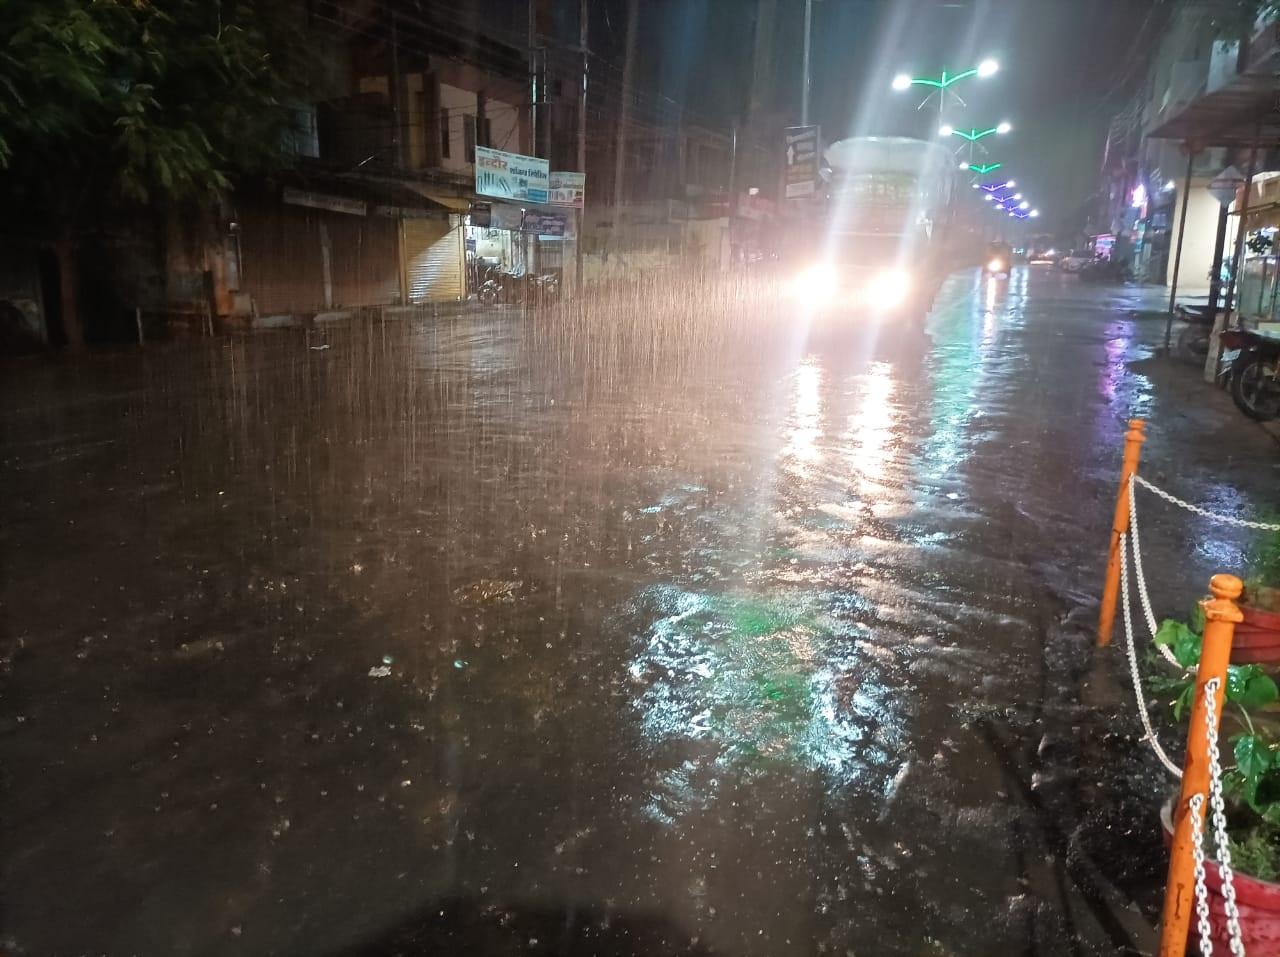 प्रदेश में बारिश का अलर्ट; भोपाल, इंदौर में गरज-चमक के साथ रिमझिम बरसात; खरगोन समेत 5 जिलों में भारी बारिश की संभावना|मध्य प्रदेश,Madhya Pradesh - Dainik Bhaskar